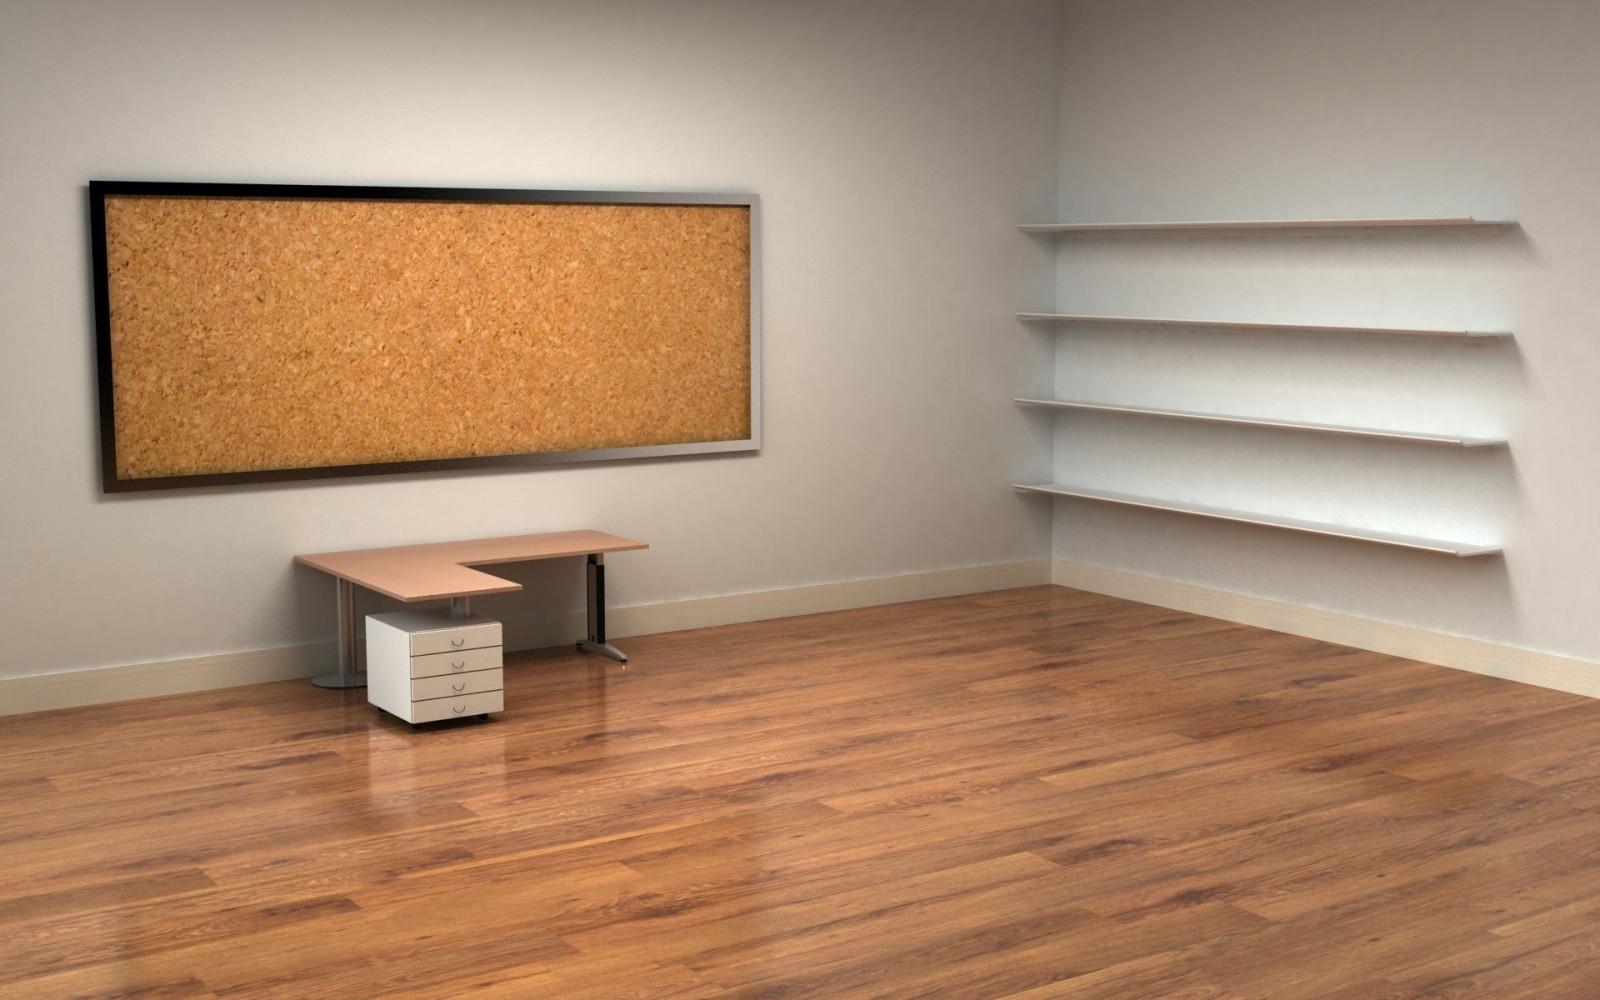 Sfondi Camera Parete Legna Ufficio Interior Design Legno Duro